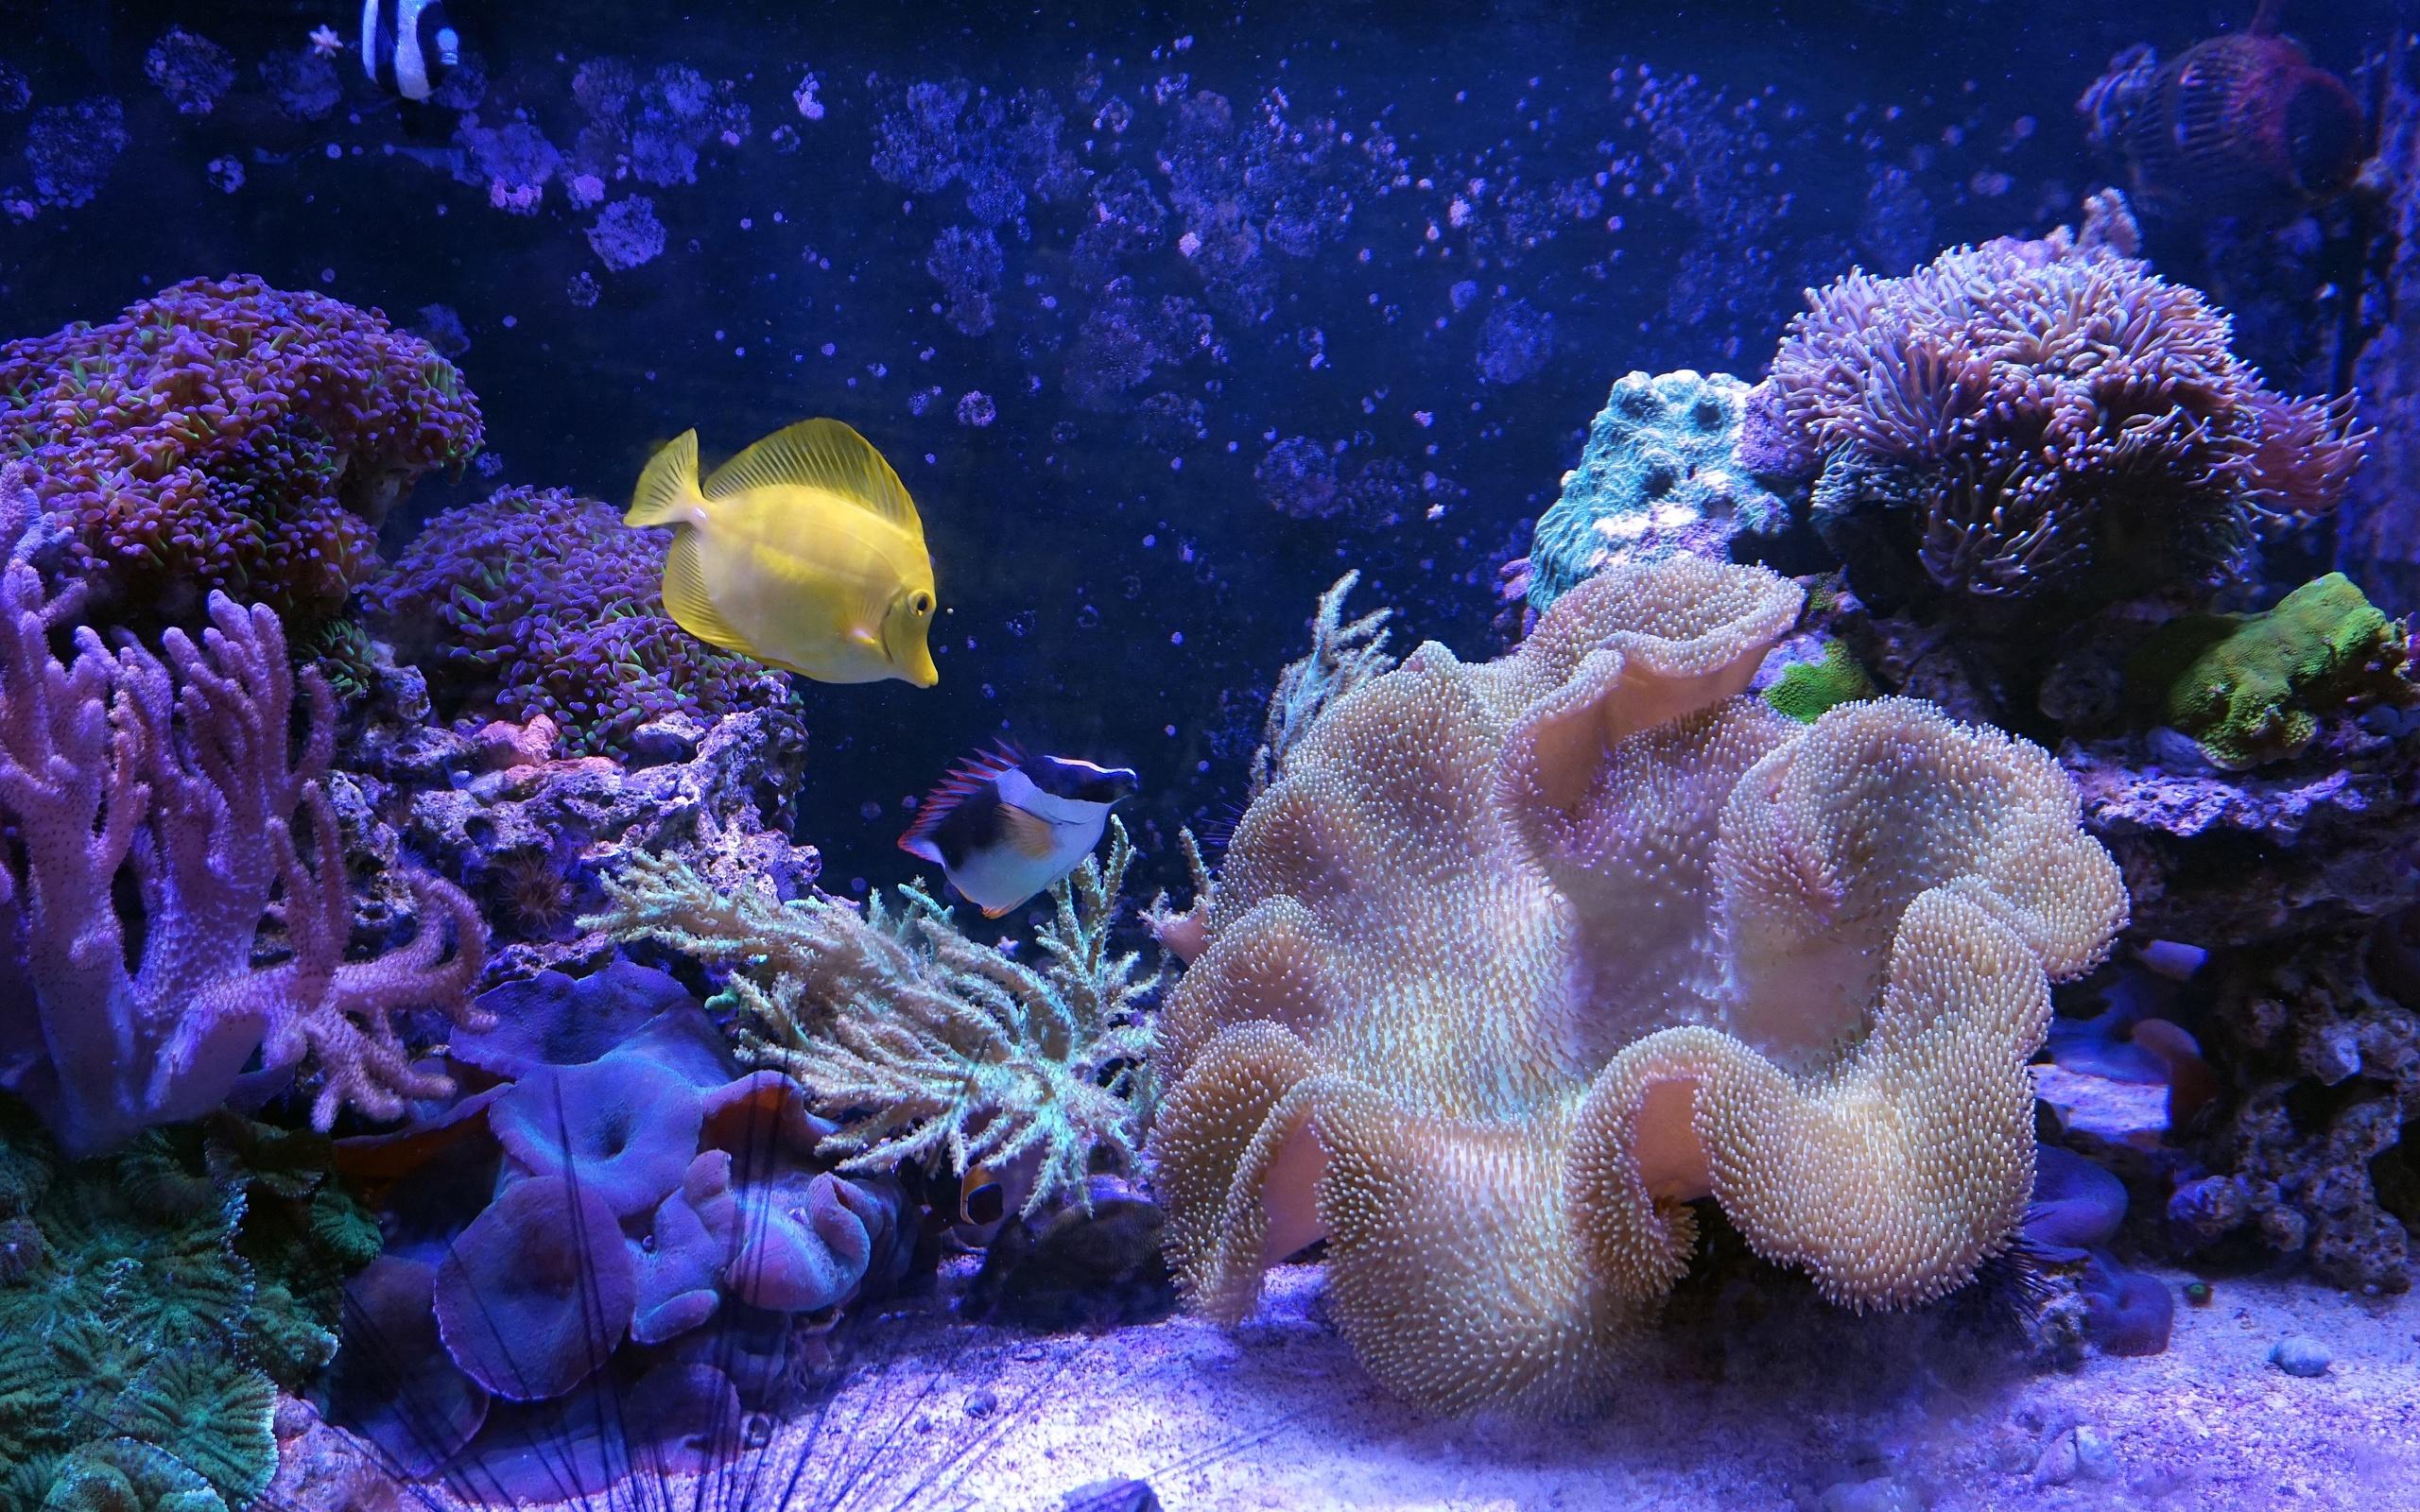 смотровой площадкой самые красивые фоновые картинки подводных животных тех пор девушка